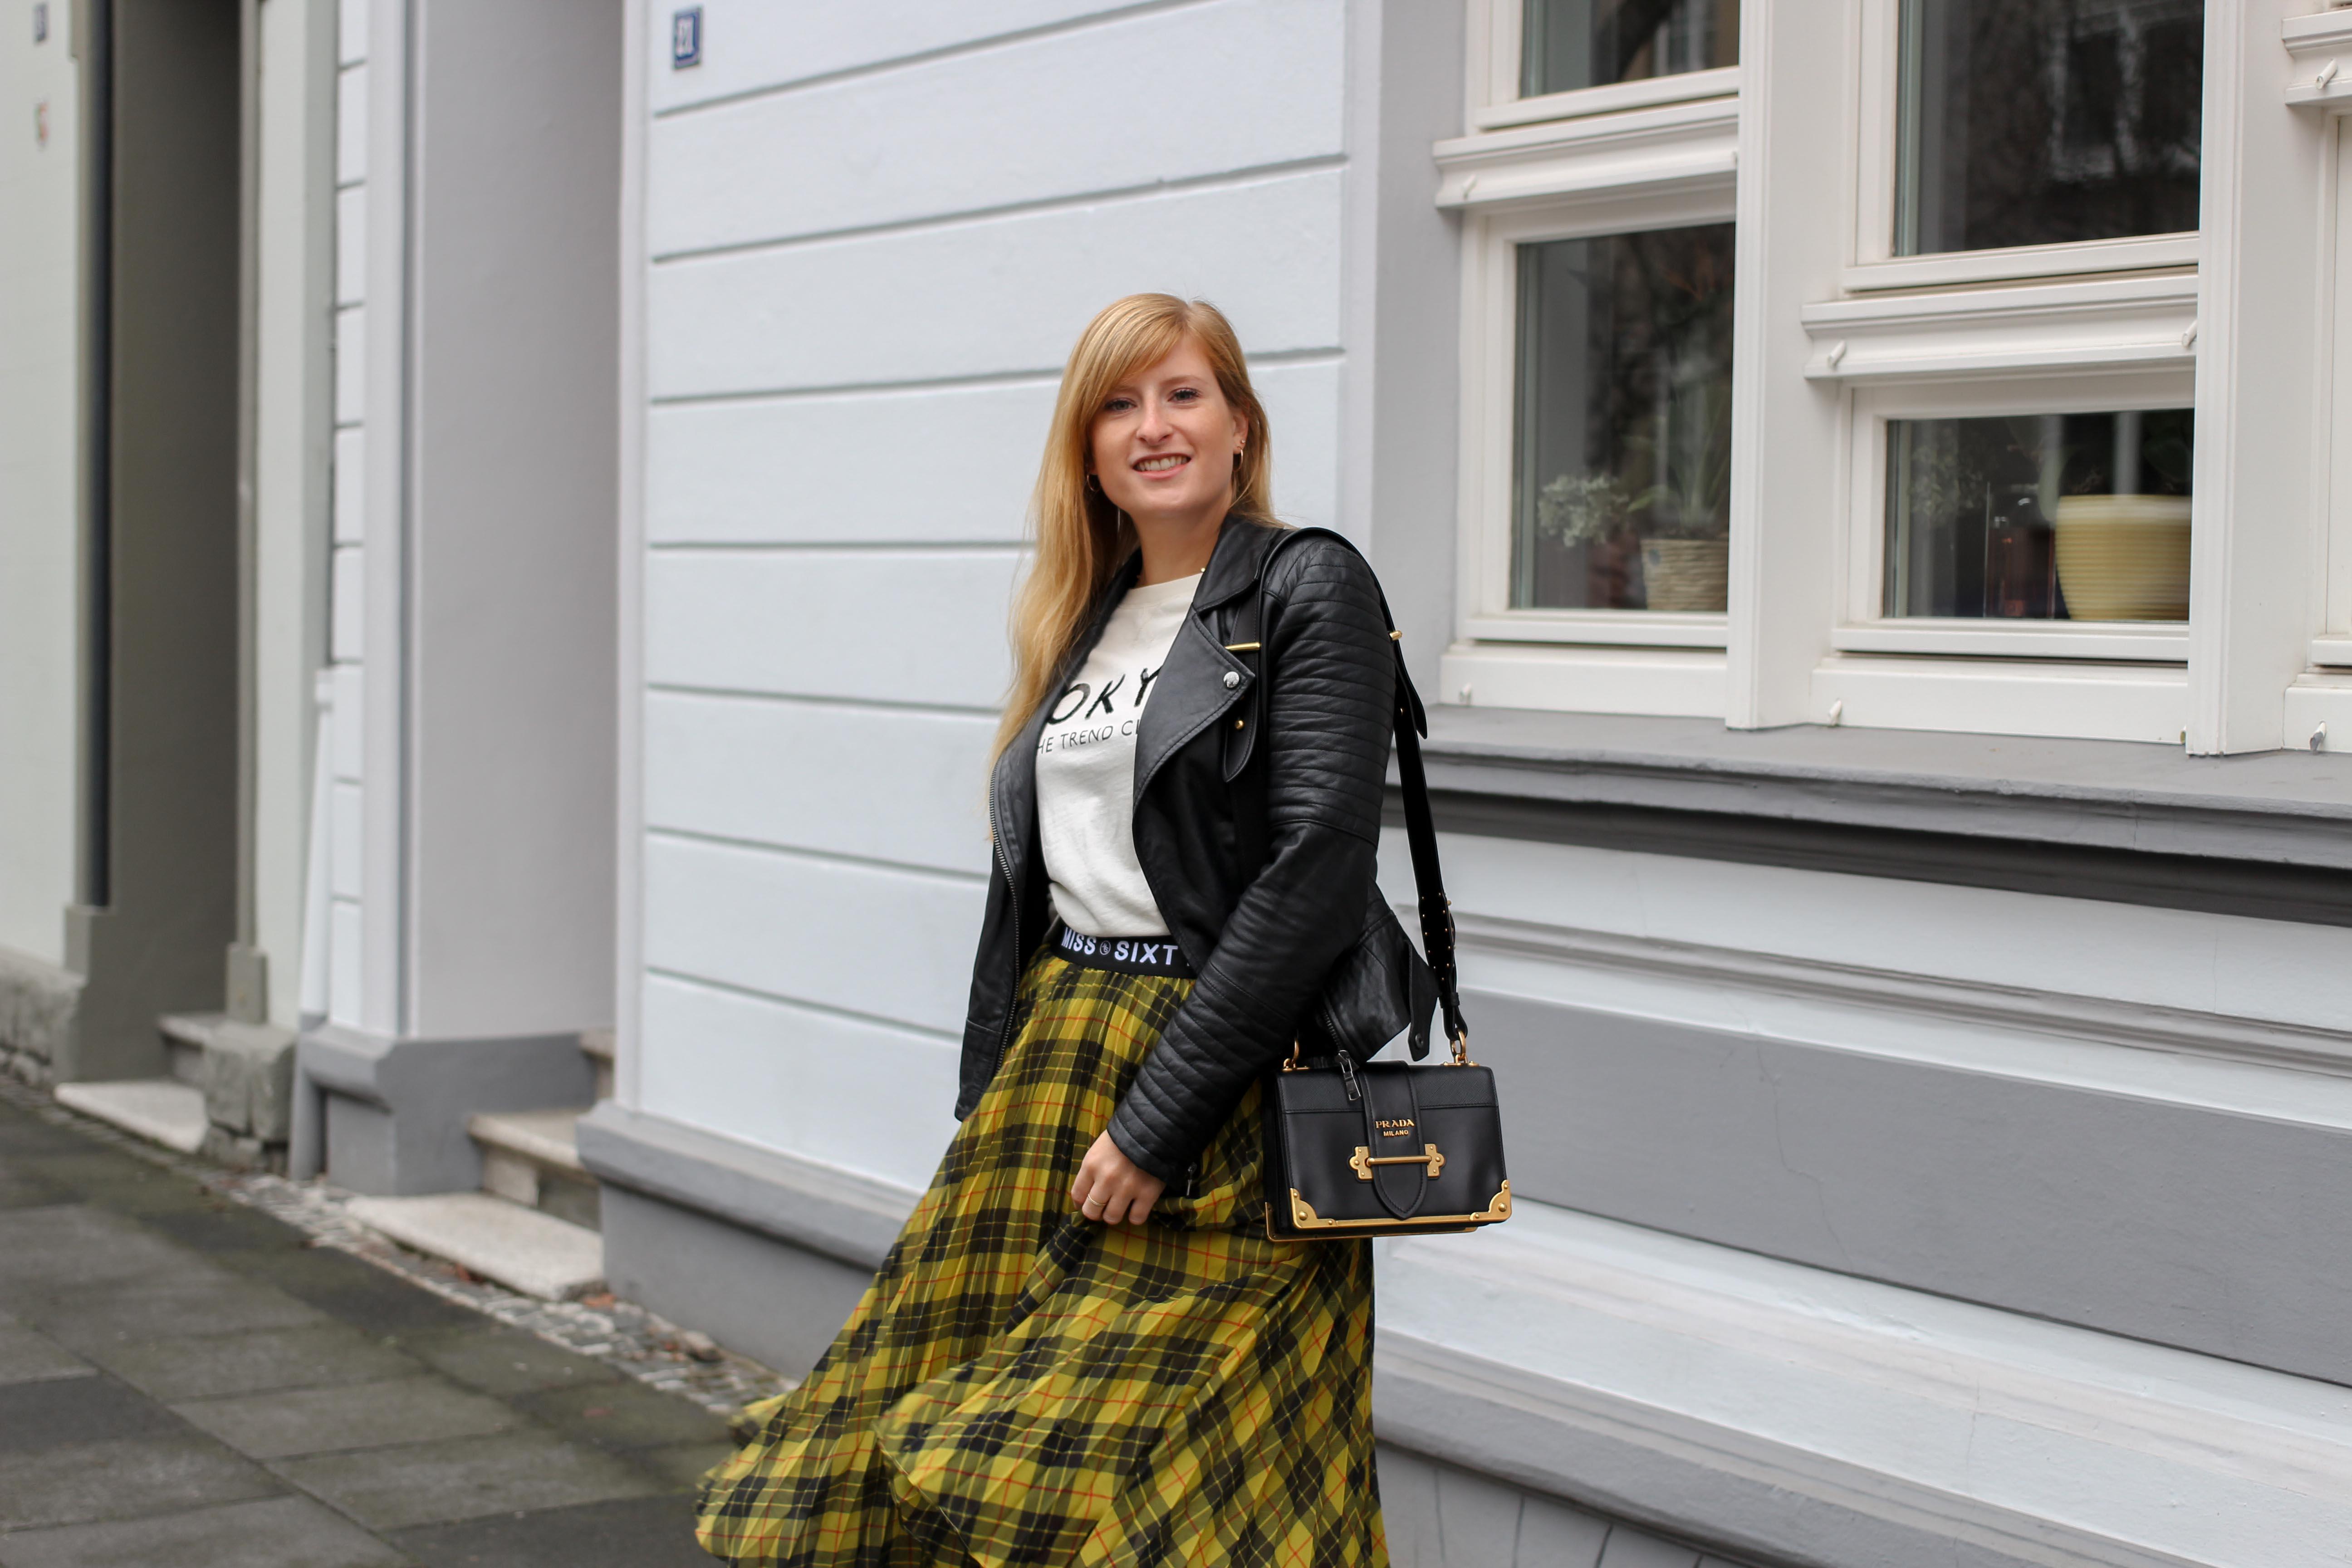 Midi Karo Rock mit Zierfalten Statement-Bund Logo am Bund Miss Sixty karrierter Rock Midirock Streetstyle Outfit Modeblog 6